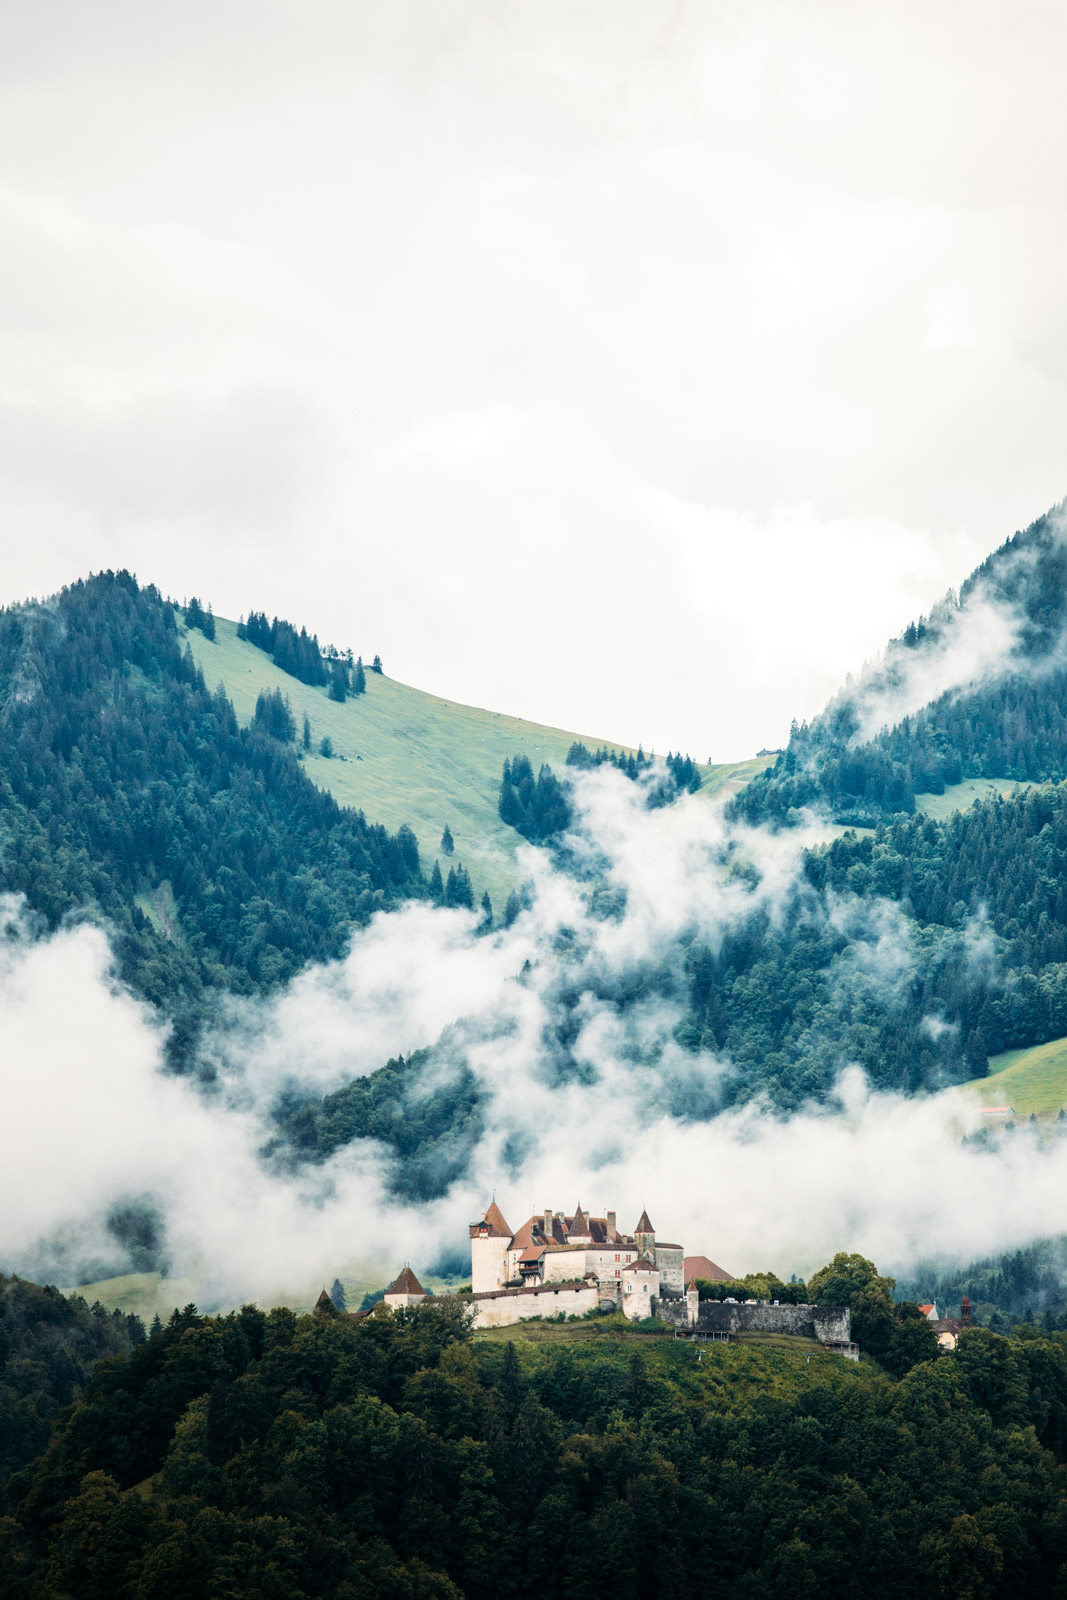 visiter le château de gruyères canton de fribourg